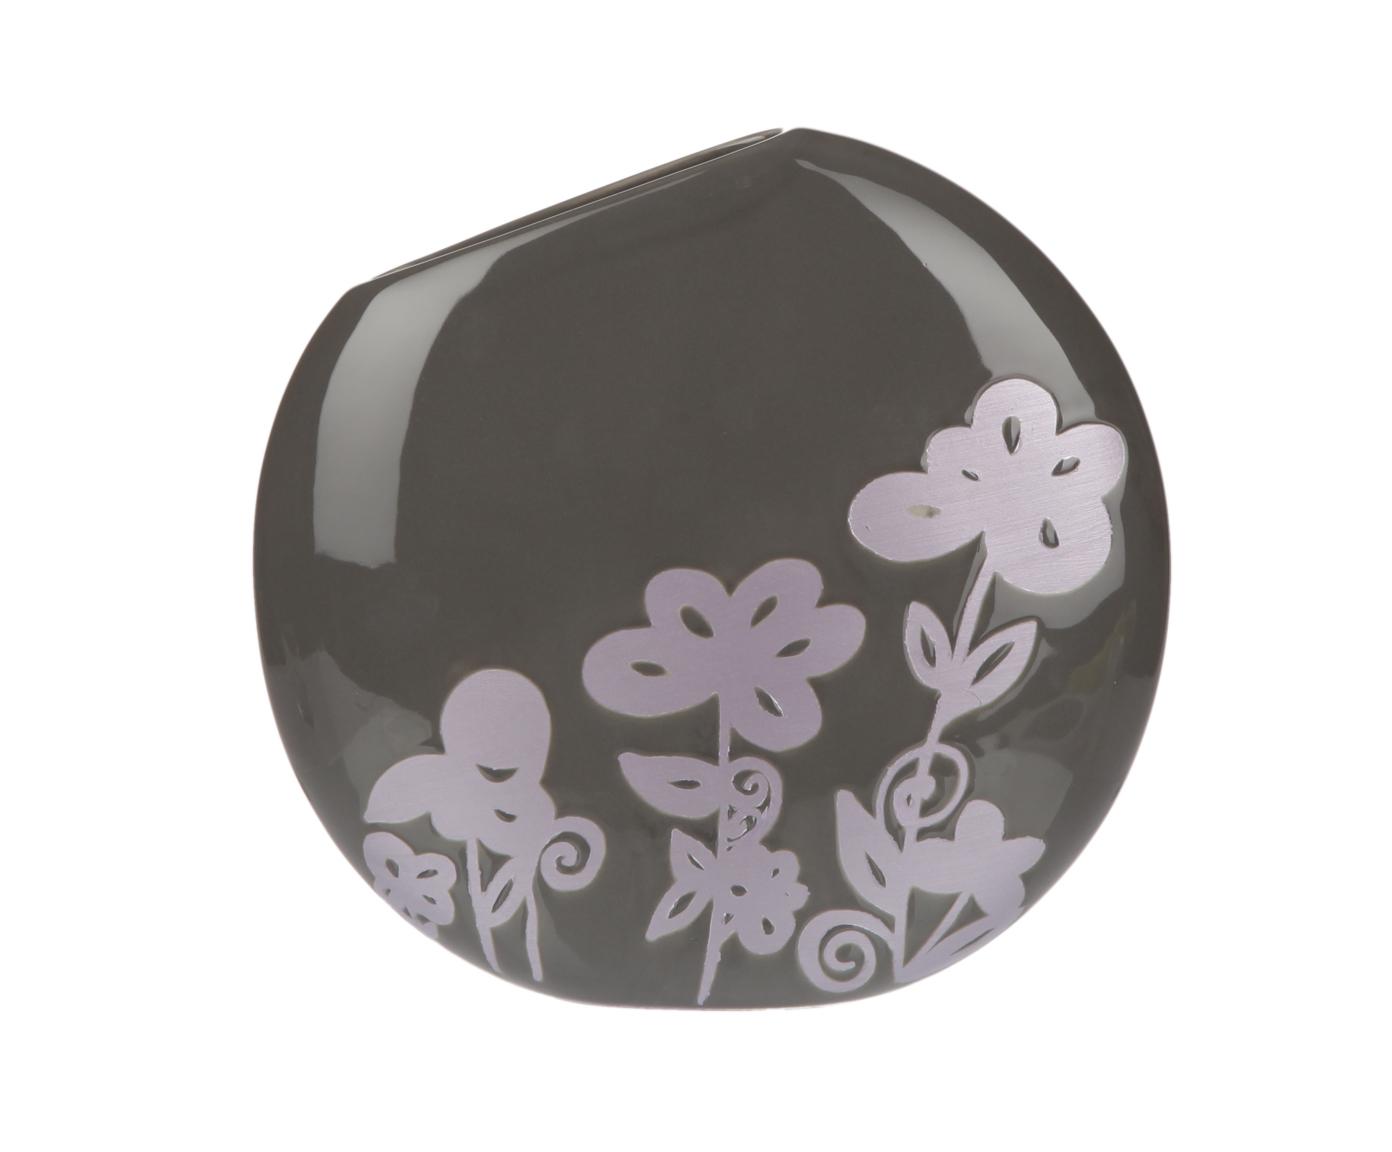 Вазы настольные Элитная ваза декоративная Lavanda с цветами от Sporvil elitnaya-vaza-dekorativnaya-lavanda-s-tsvetami-ot-sporvil-portugaliya.jpg